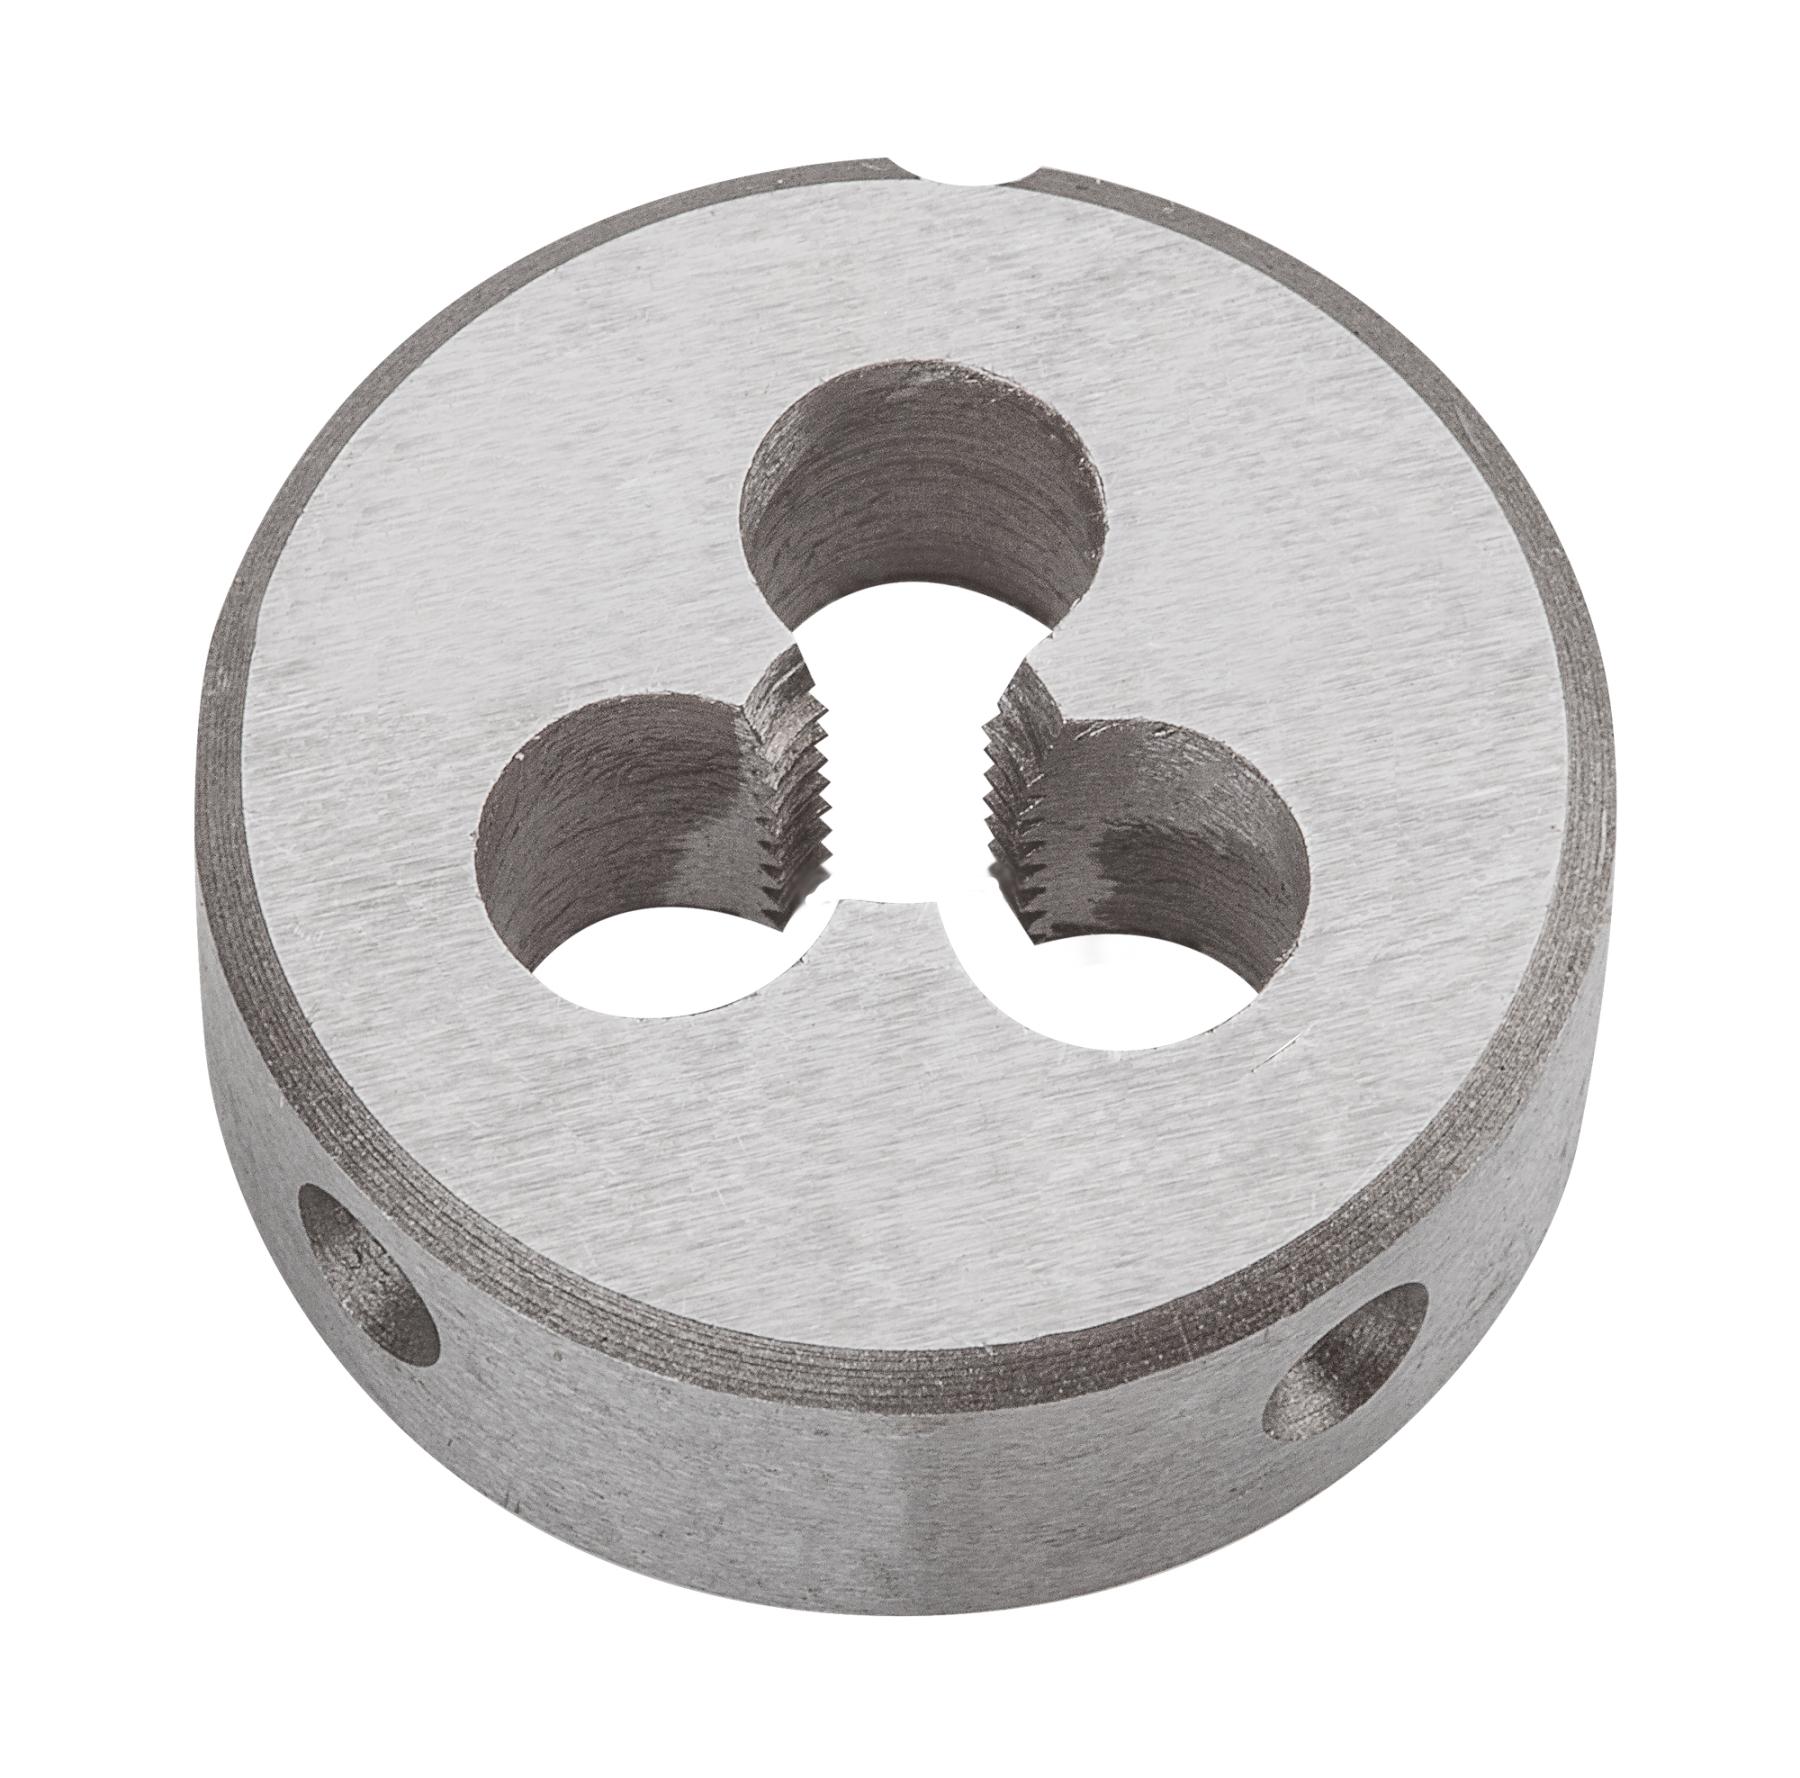 Плашка вольфрамовая Topex, М4, 25 х 9 мм14A304Плашки вольфрамовые Торех используются для нарезания метрической резьбы. Характеристики: Материал: металл. Шаг резьбы: М4. Размеры плашки: 2,5 см х 0,9 см. Размеры упаковки:9 см х 5 см х 1,5 см.